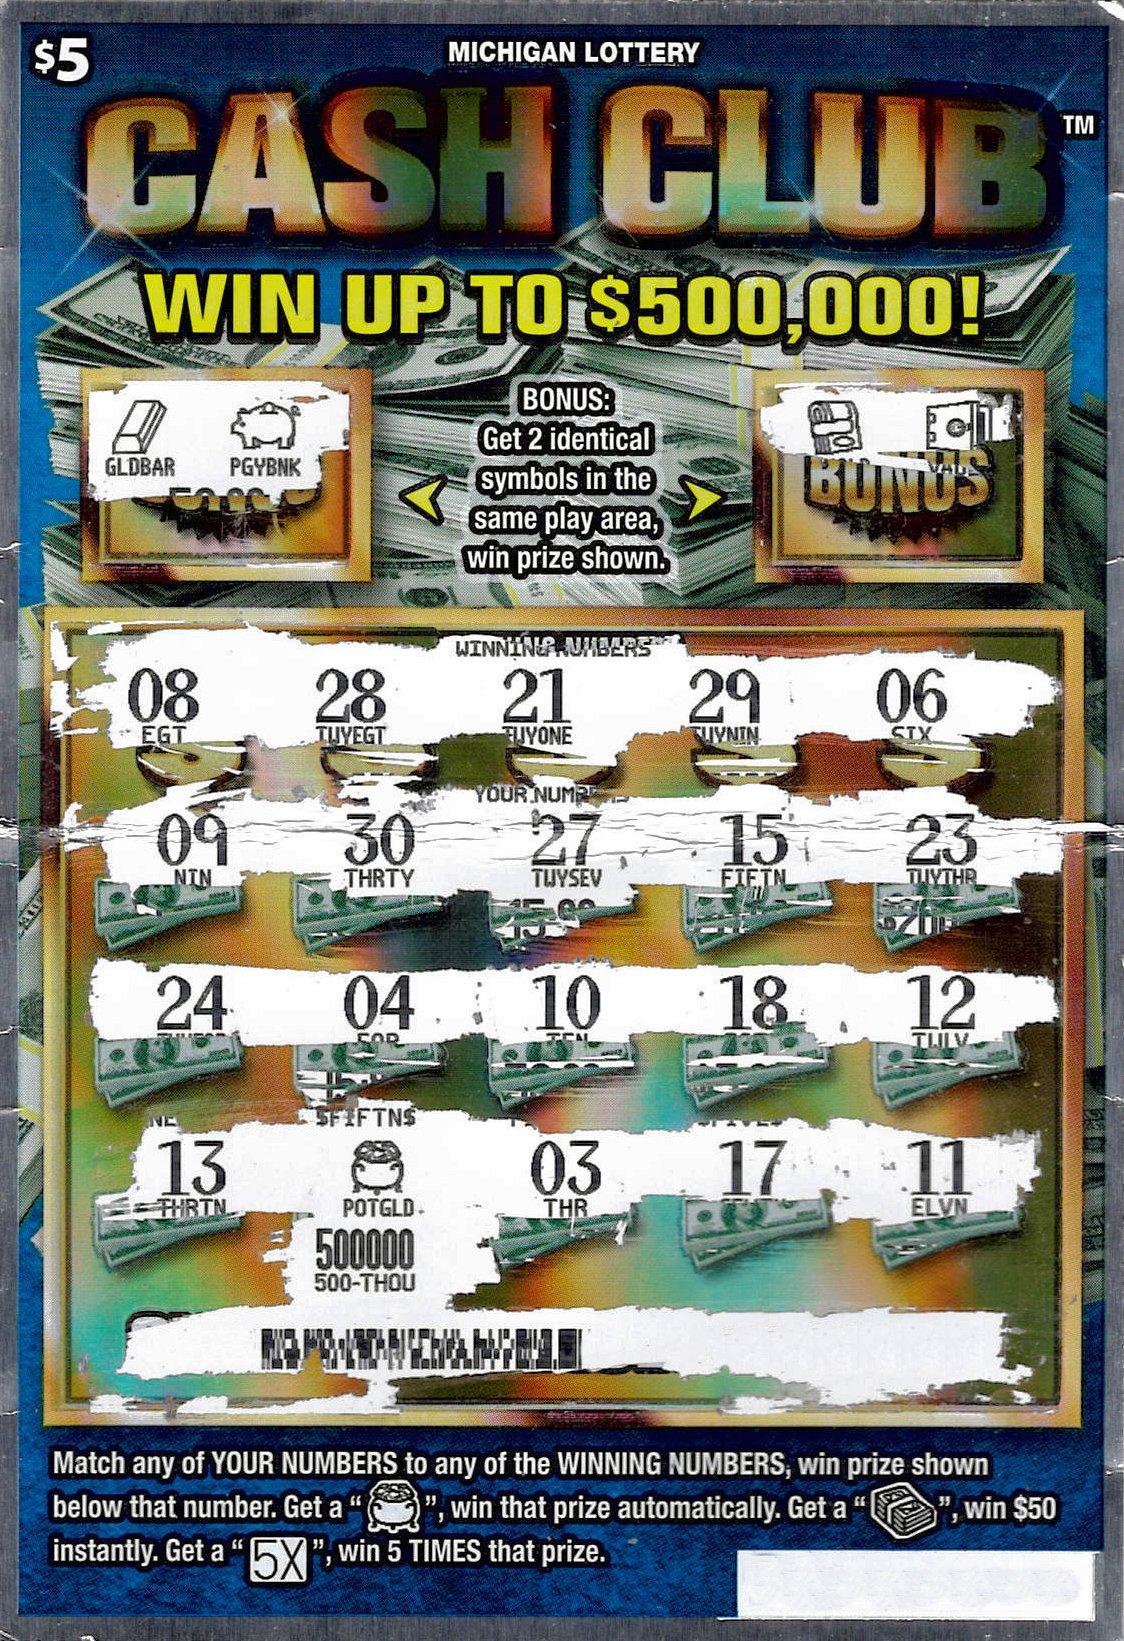 Lotto 11.01.17